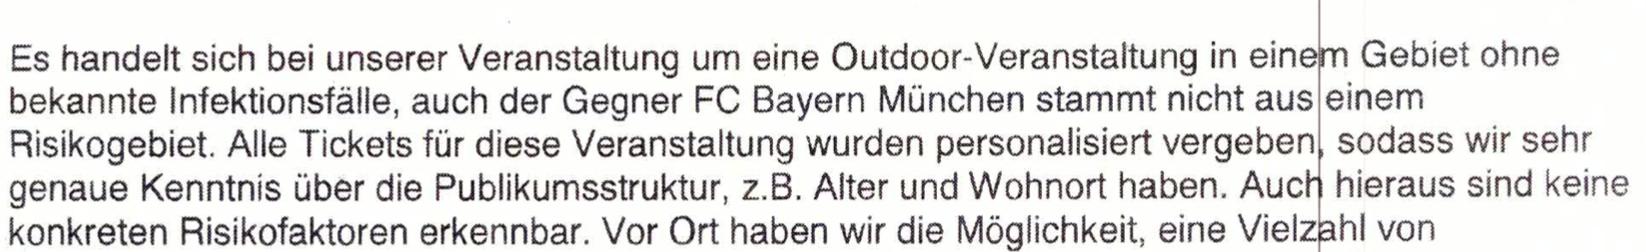 Mail des 1. FC Union vom 9. März an das Gesundheitsamt Treptow-Köpenick, Screenshot: fragdenstaat.de